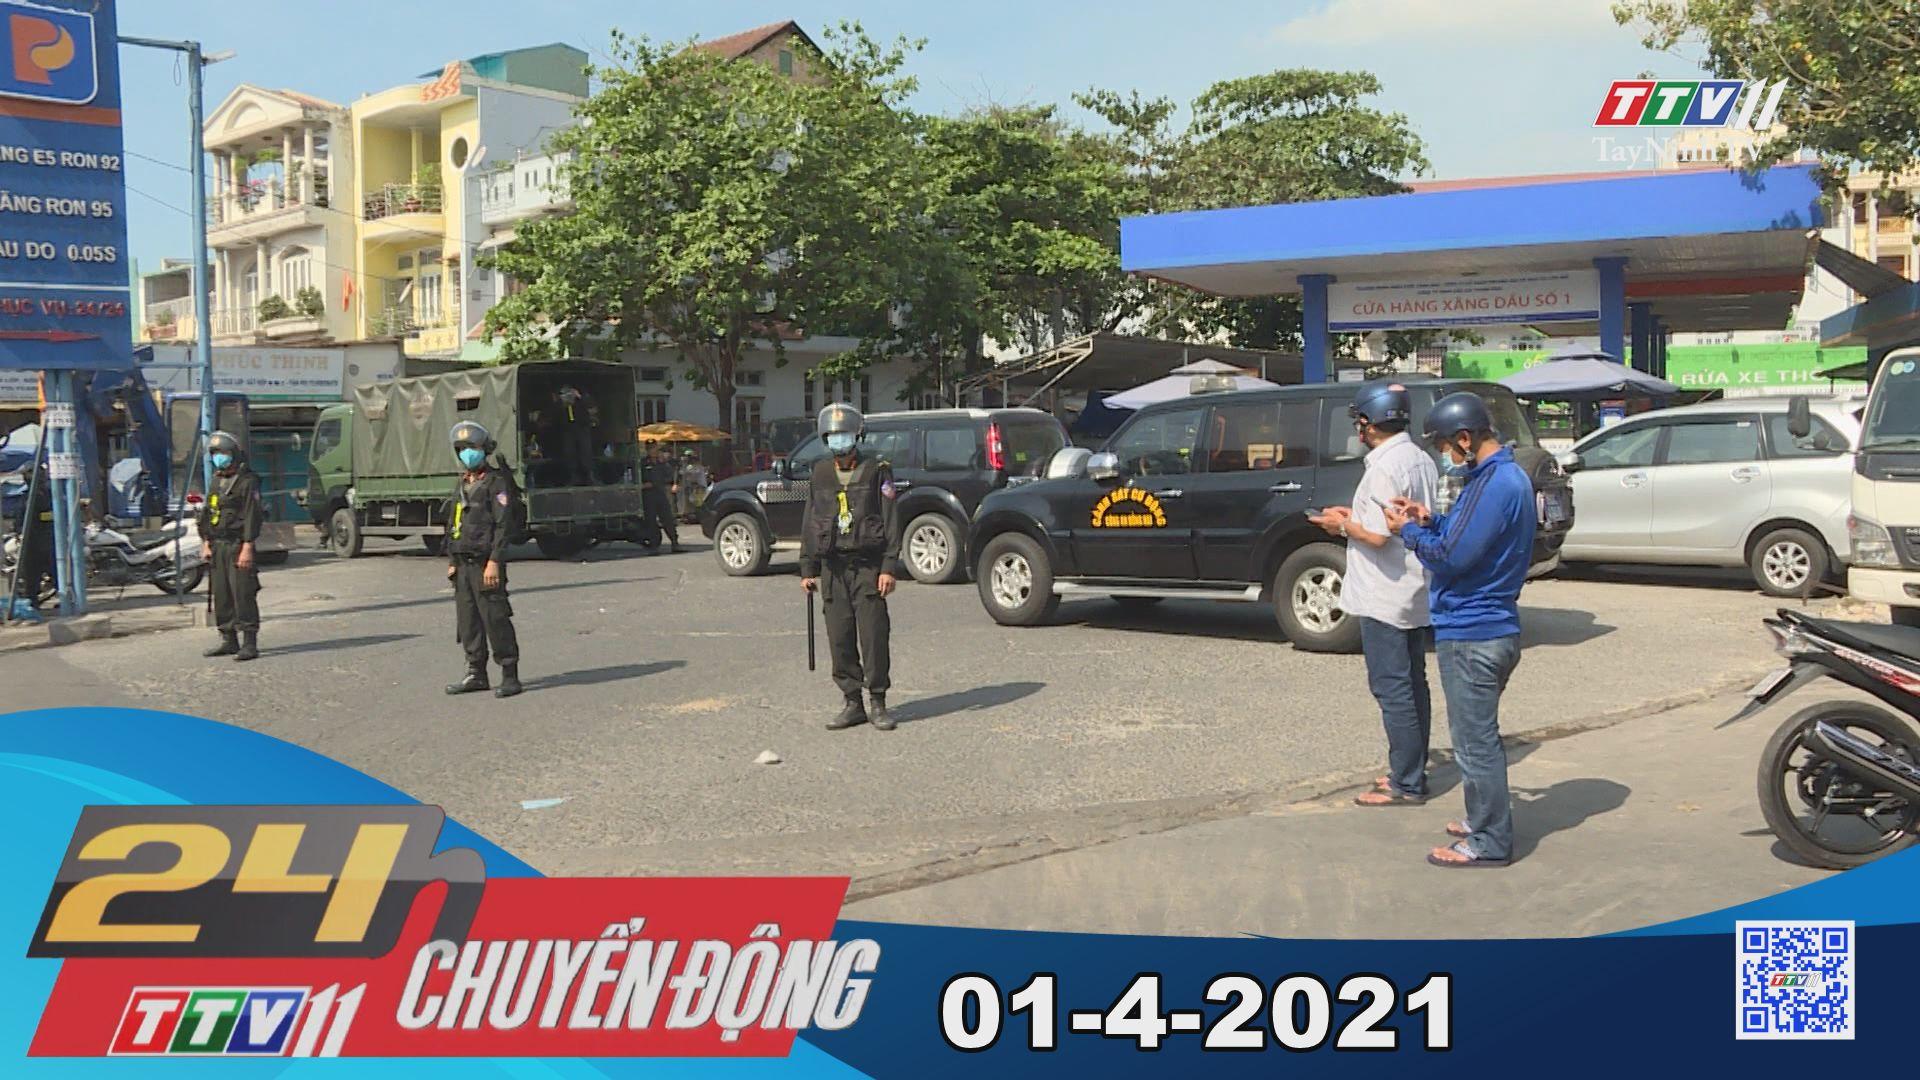 24h Chuyển động 01-4-2021 | Tin tức hôm nay | TayNinhTV